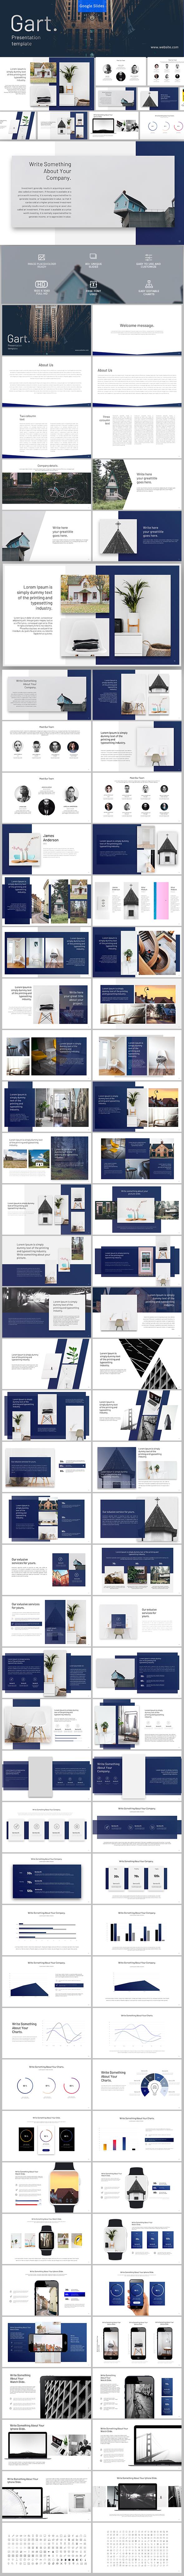 Gart Google Slides - Google Slides Presentation Templates